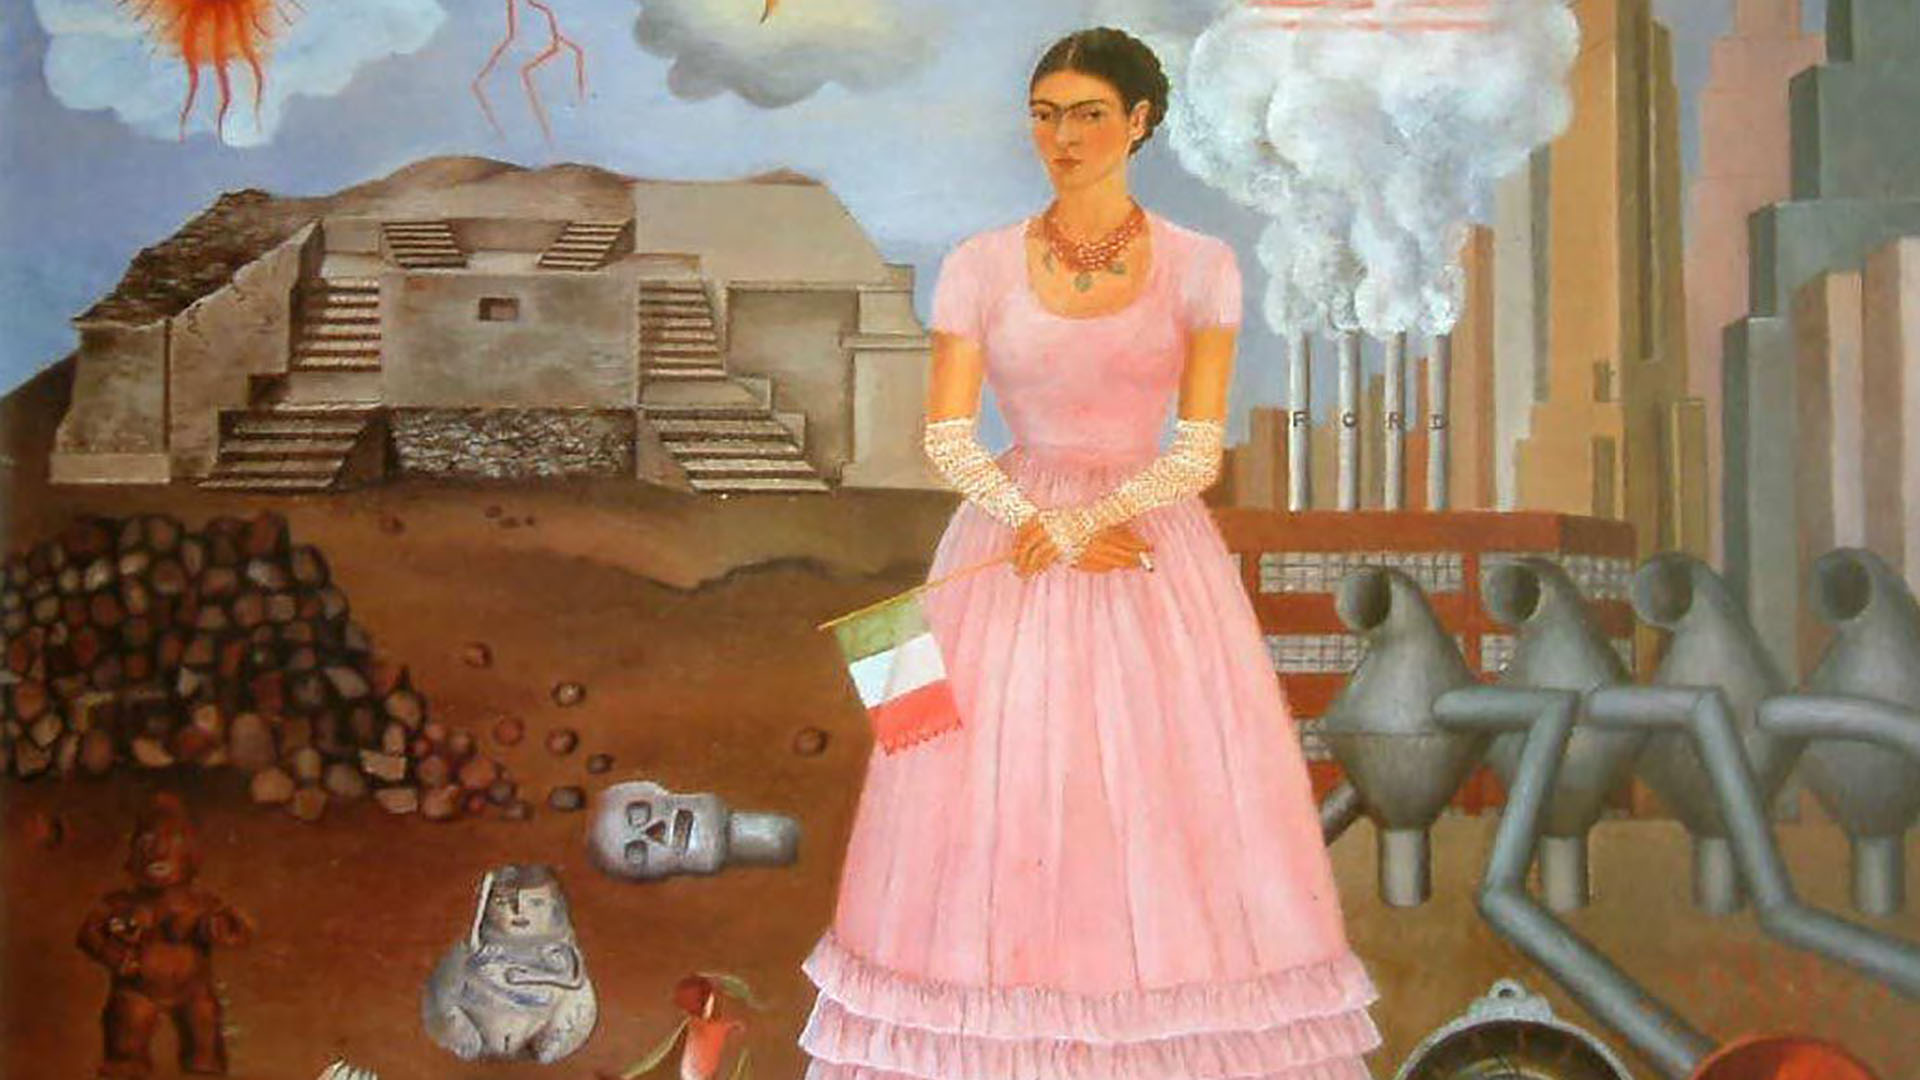 La Belleza Del Día Autorretrato En La Frontera Entre México Y Estados Unidos De Frida Kahlo Infobae